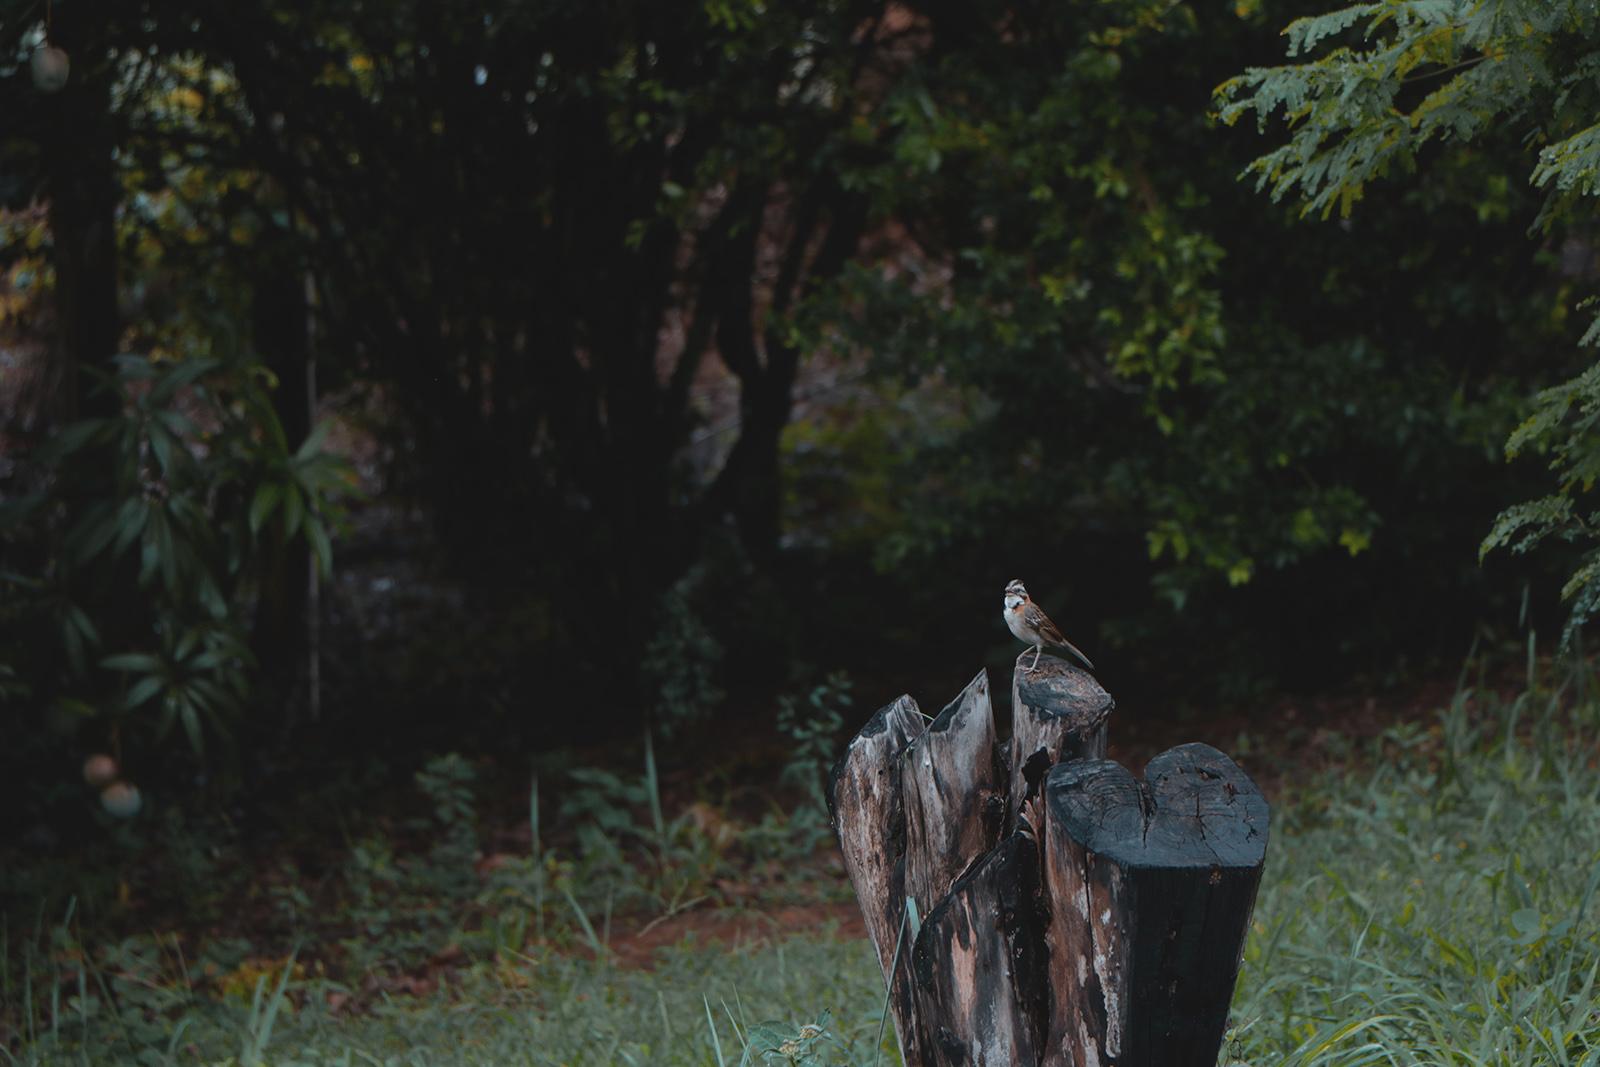 passarinho no tronco